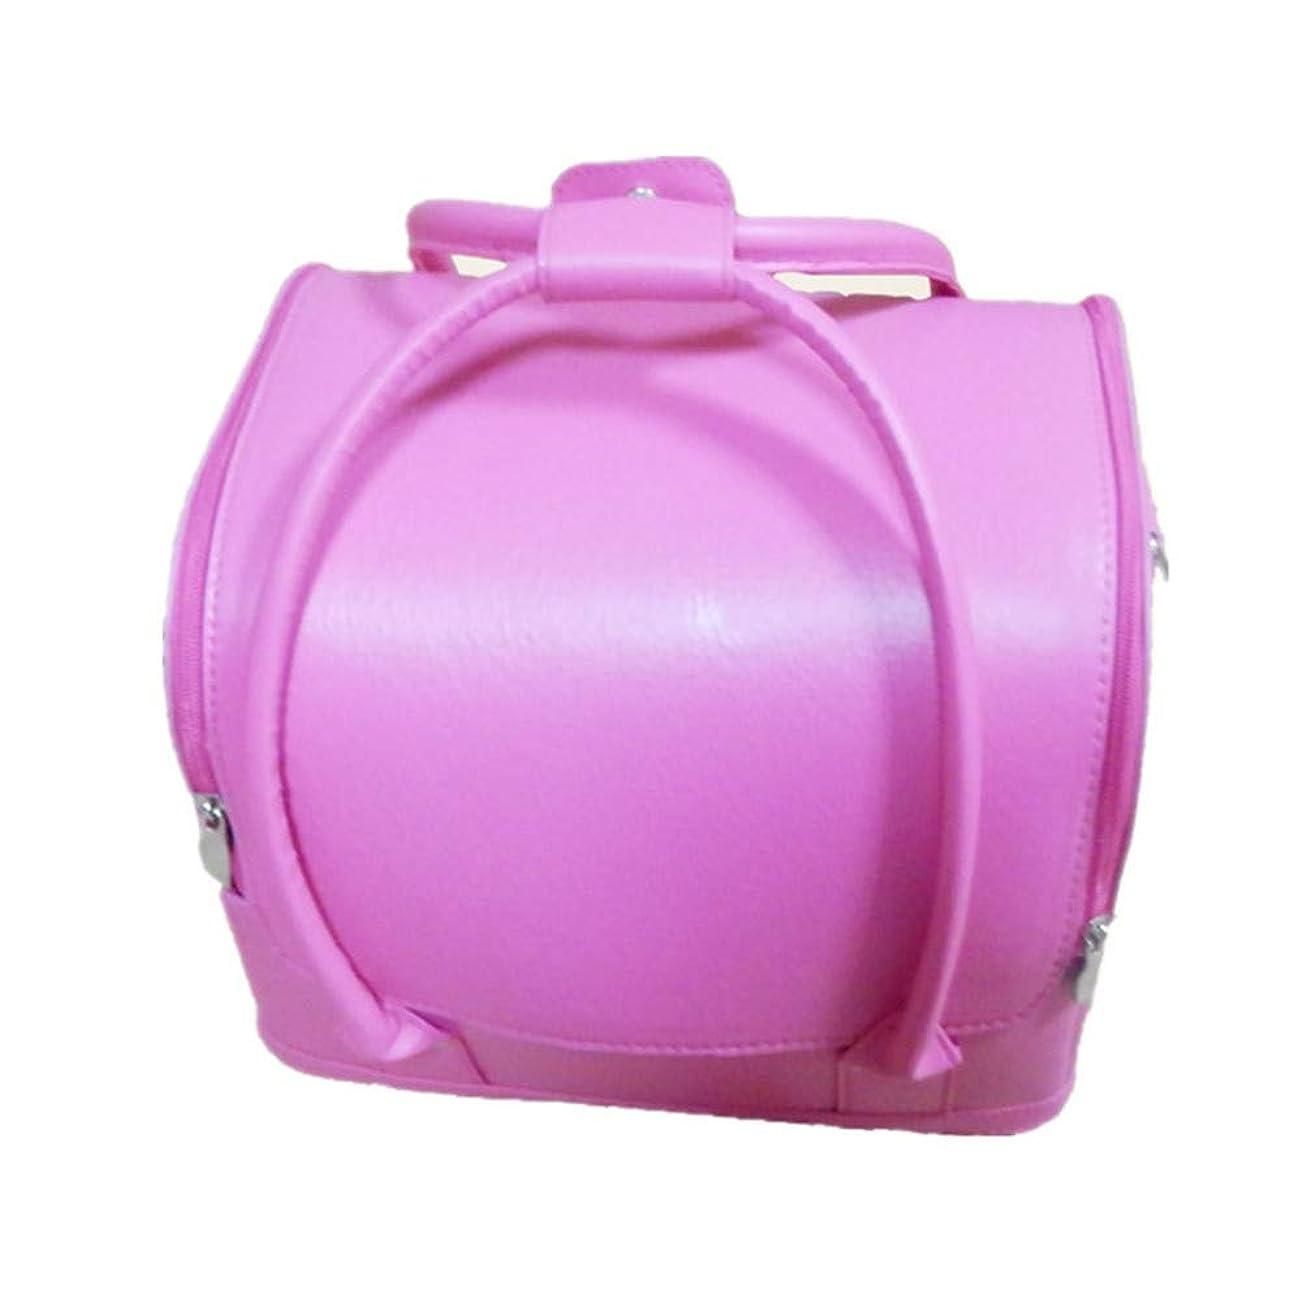 抽出事実教育者化粧オーガナイザーバッグ 美しいメイクアップのための純粋な色ポータブル化粧品袋と女性の女性の旅行とジッパーで毎日のストレージ 化粧品ケース